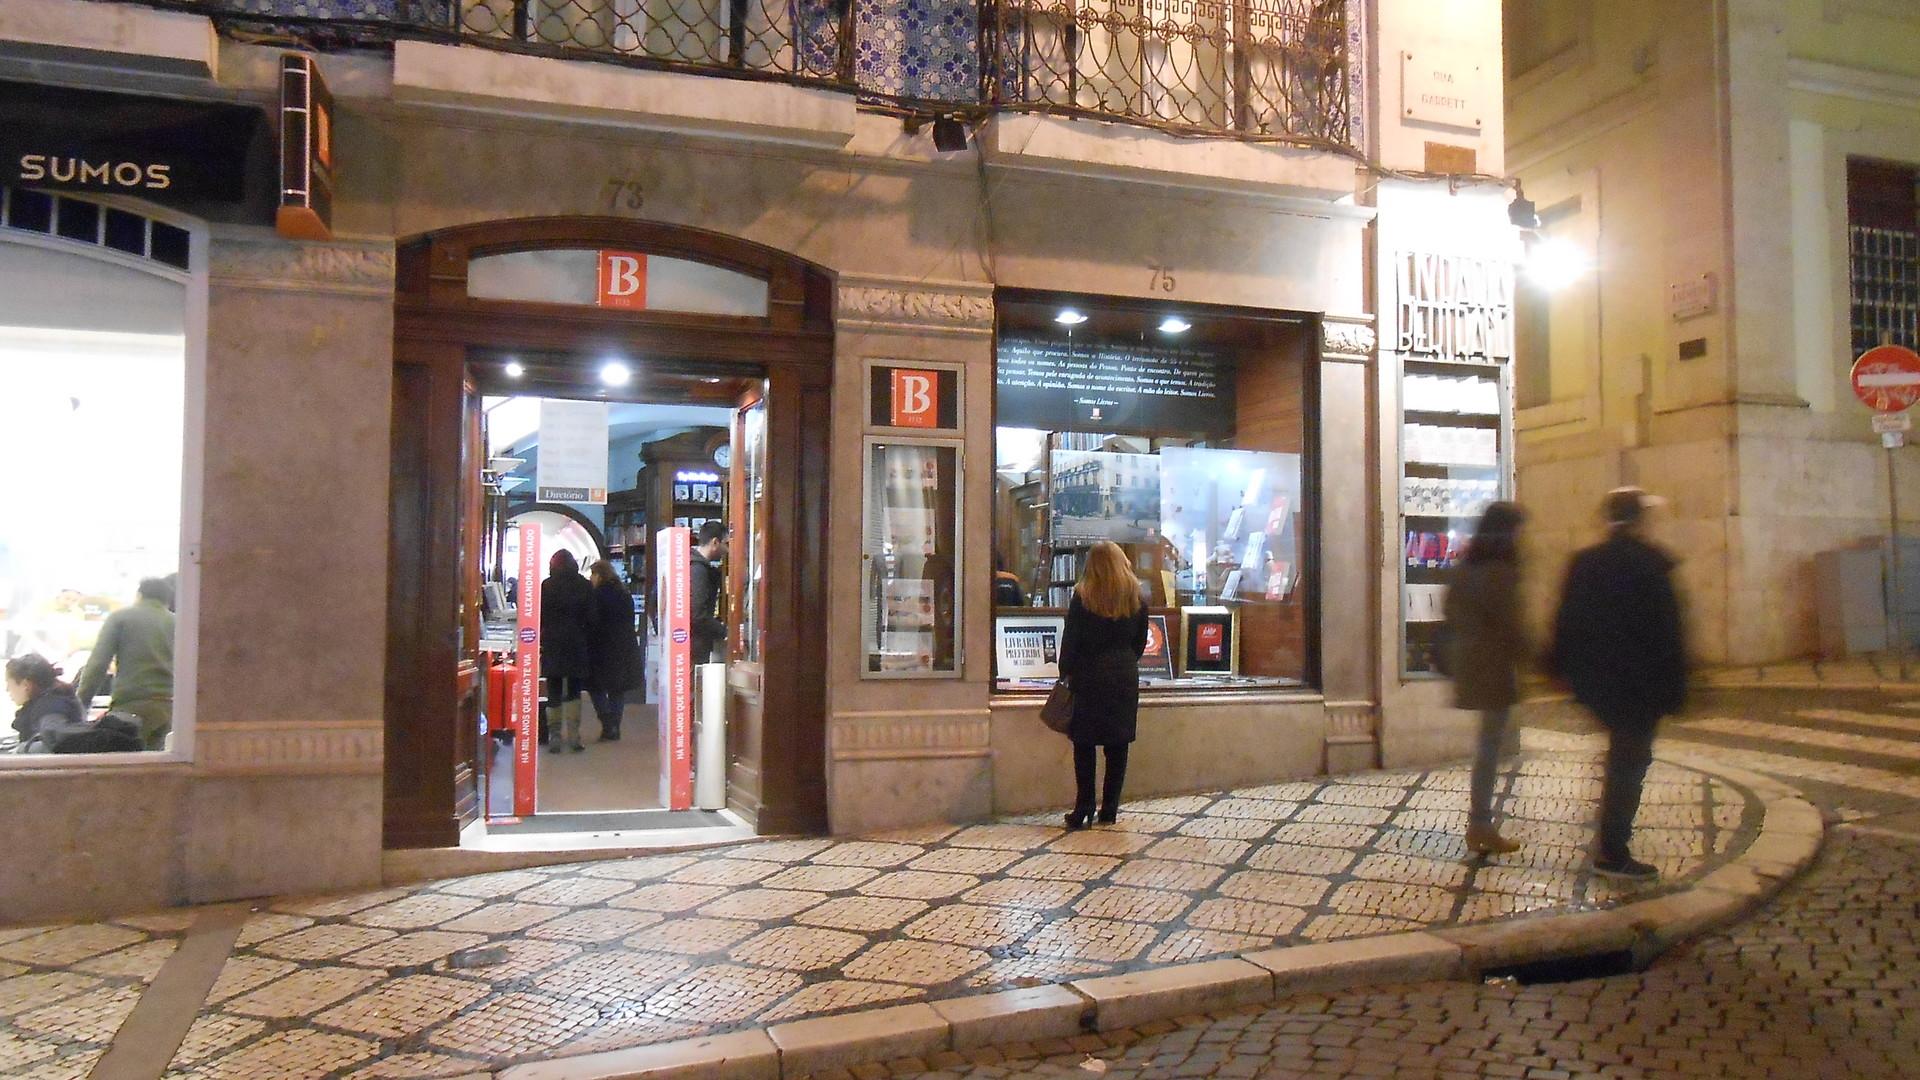 livrarias-portugal-cb8d8ca029b861e38a2e3